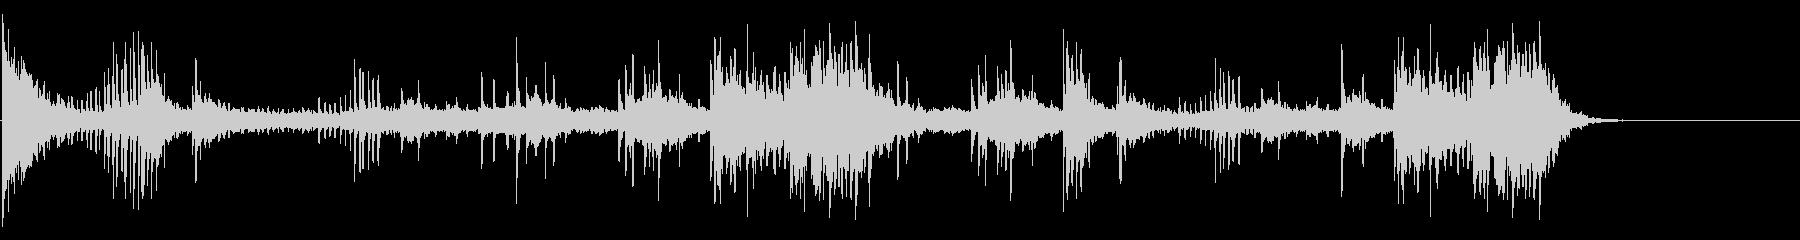 エスニックなFXサウンドの未再生の波形